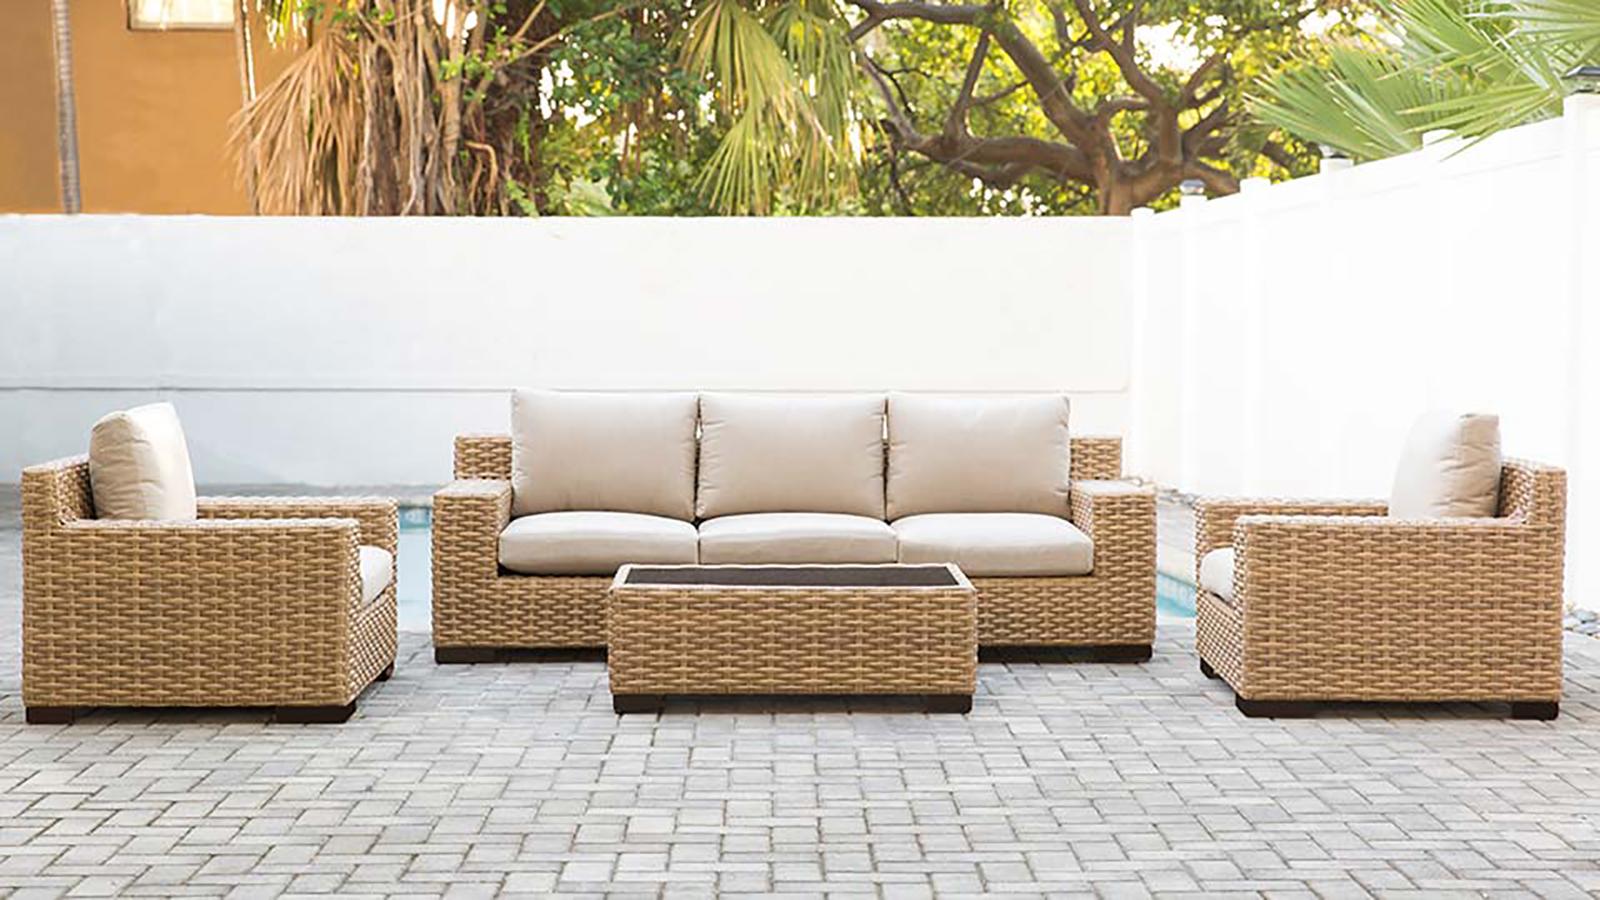 Cabana Deep Seating Furniture Set